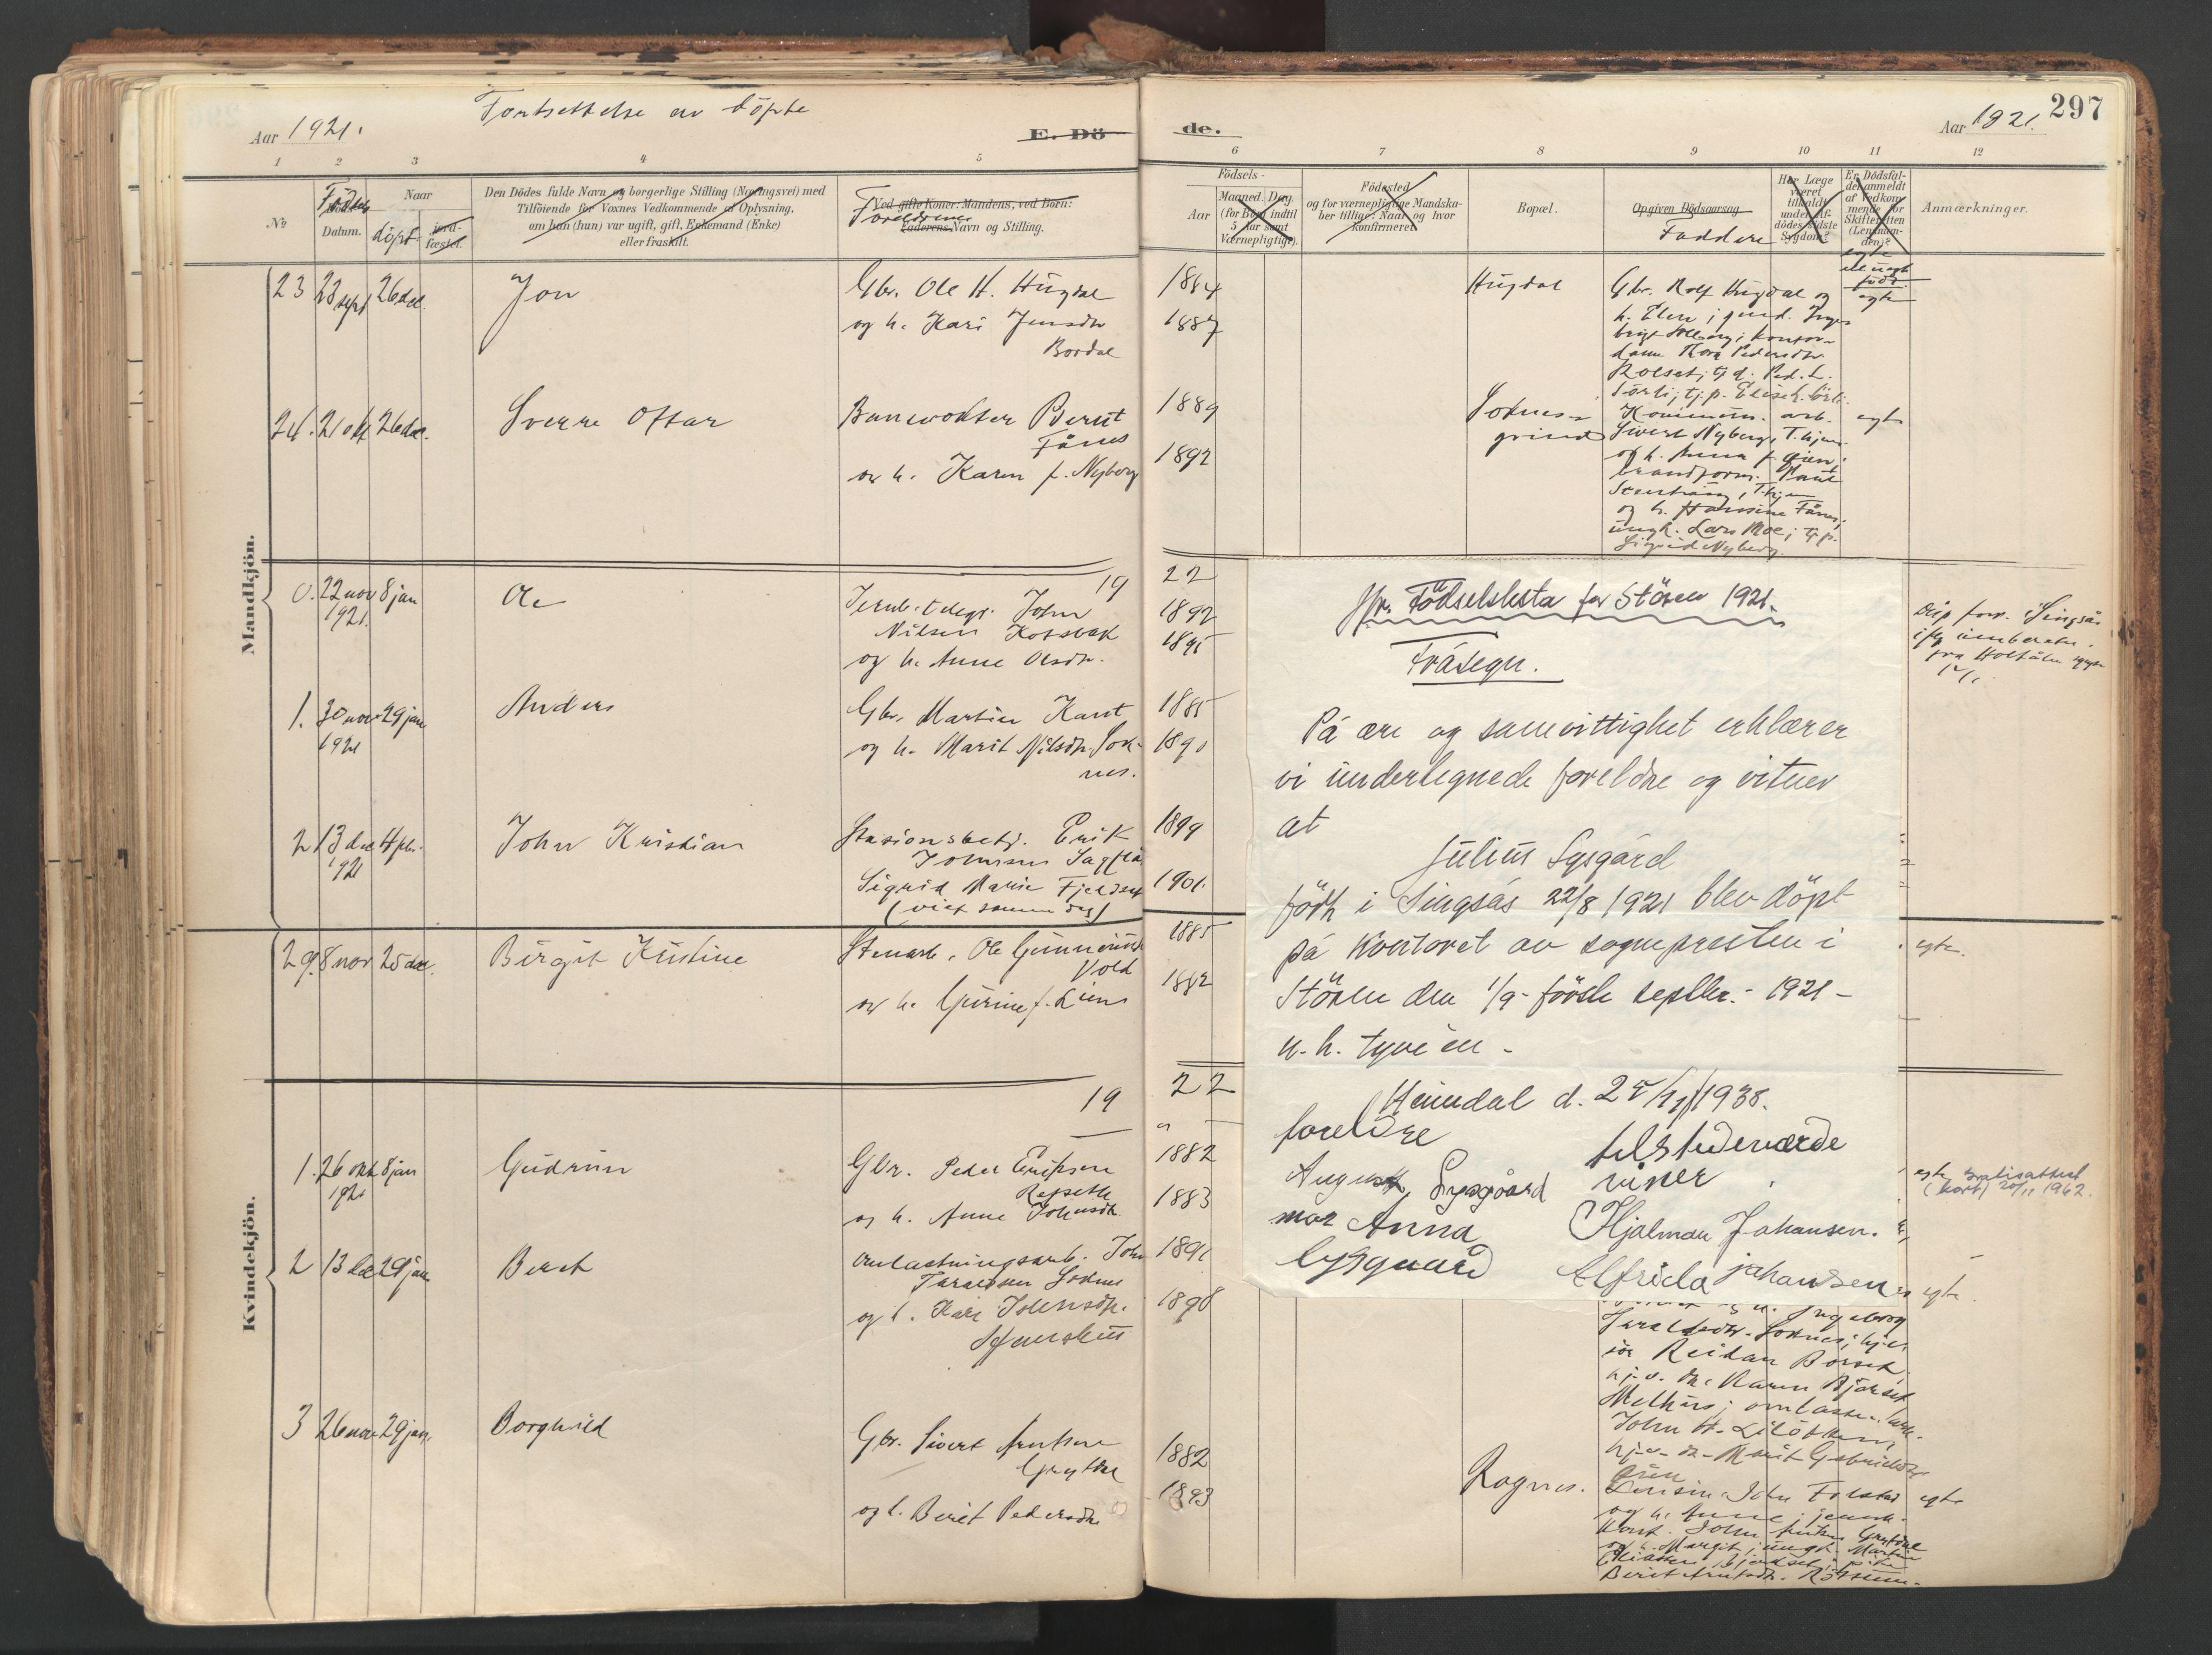 SAT, Ministerialprotokoller, klokkerbøker og fødselsregistre - Sør-Trøndelag, 687/L1004: Ministerialbok nr. 687A10, 1891-1923